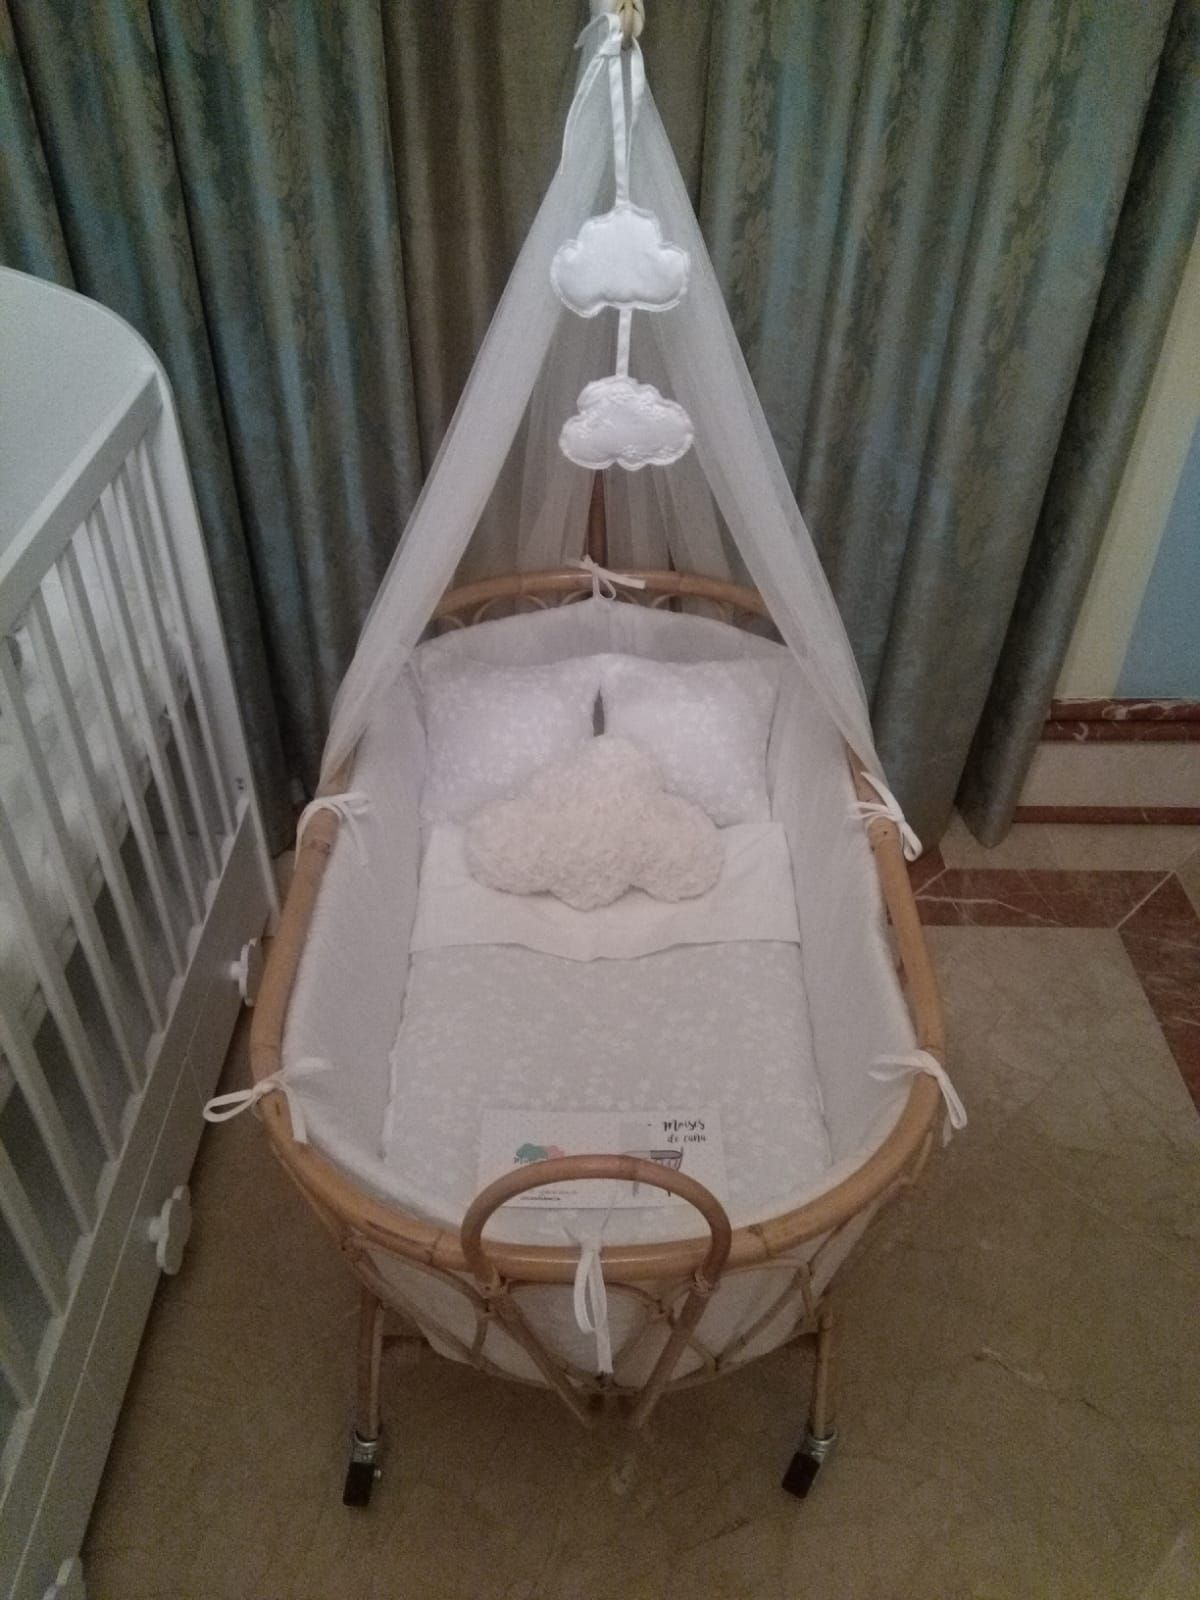 802d7205b Moises de caña para bebé totalmente artesanales y completamente vestidos a  tu gusto. Opción desde